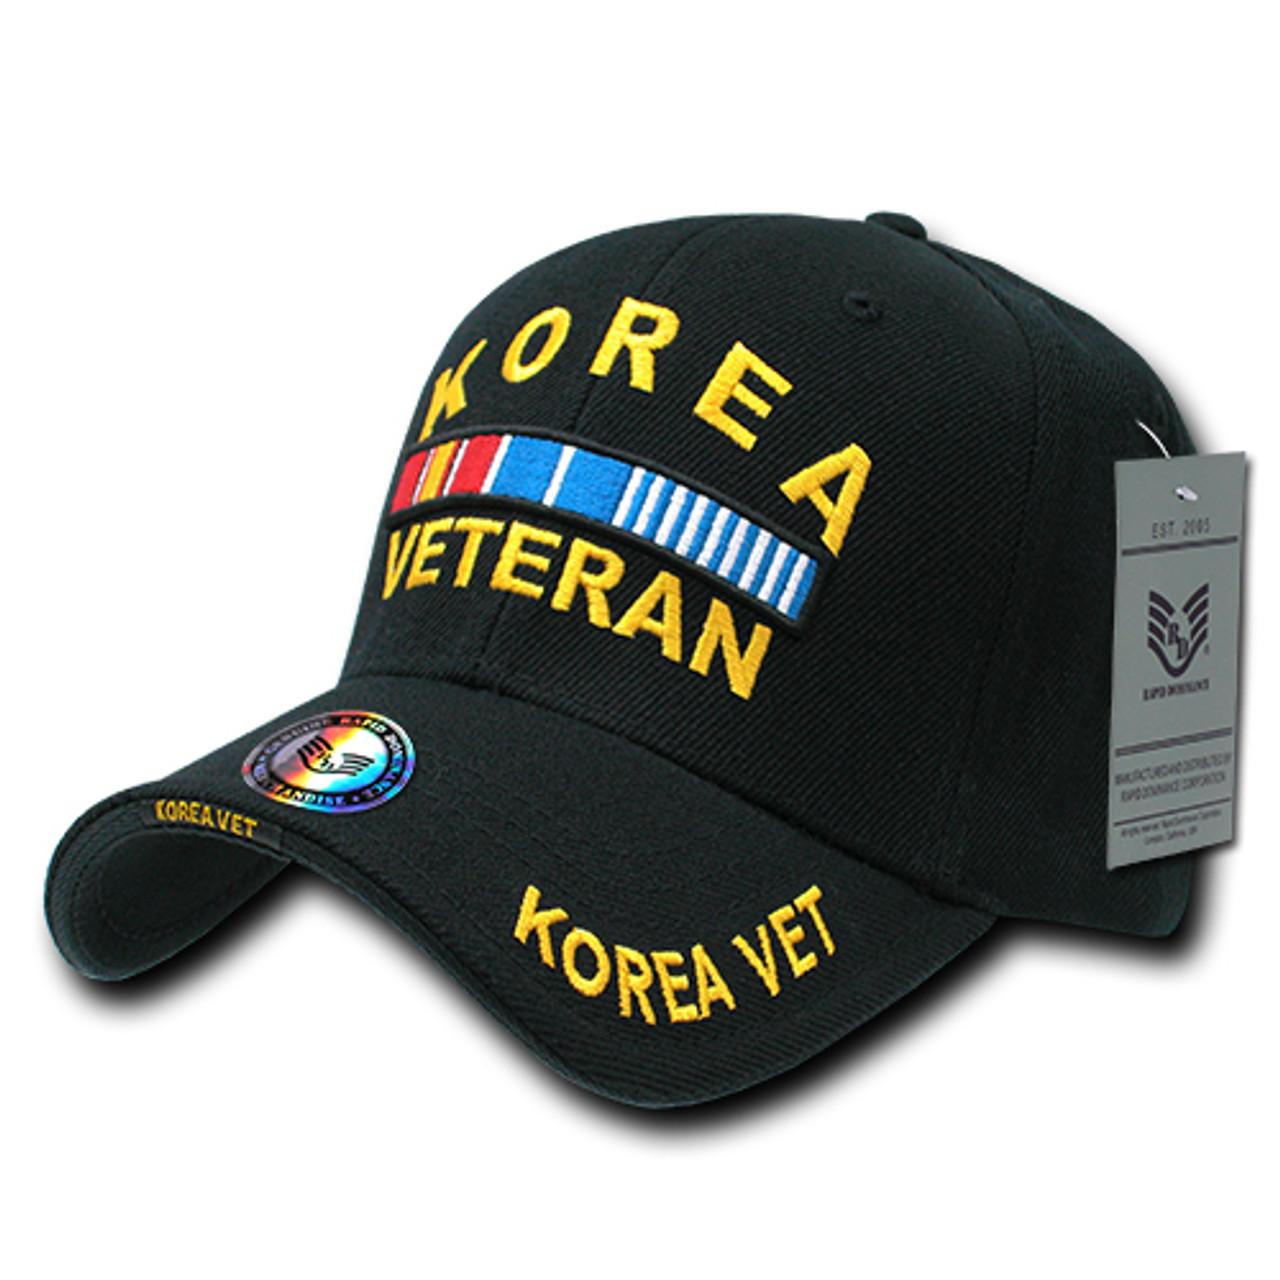 KOREA VETERAN MILITARY CAP HAT WHOLESALE NEW